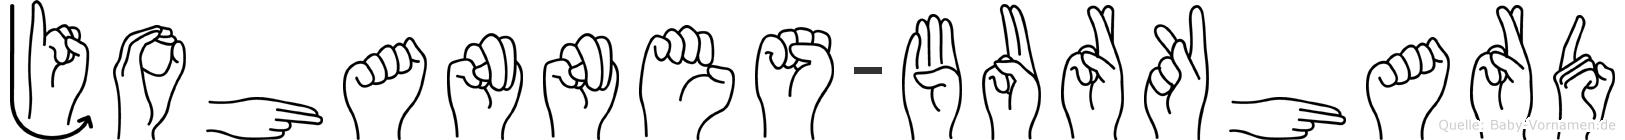 Johannes-Burkhard im Fingeralphabet der Deutschen Gebärdensprache